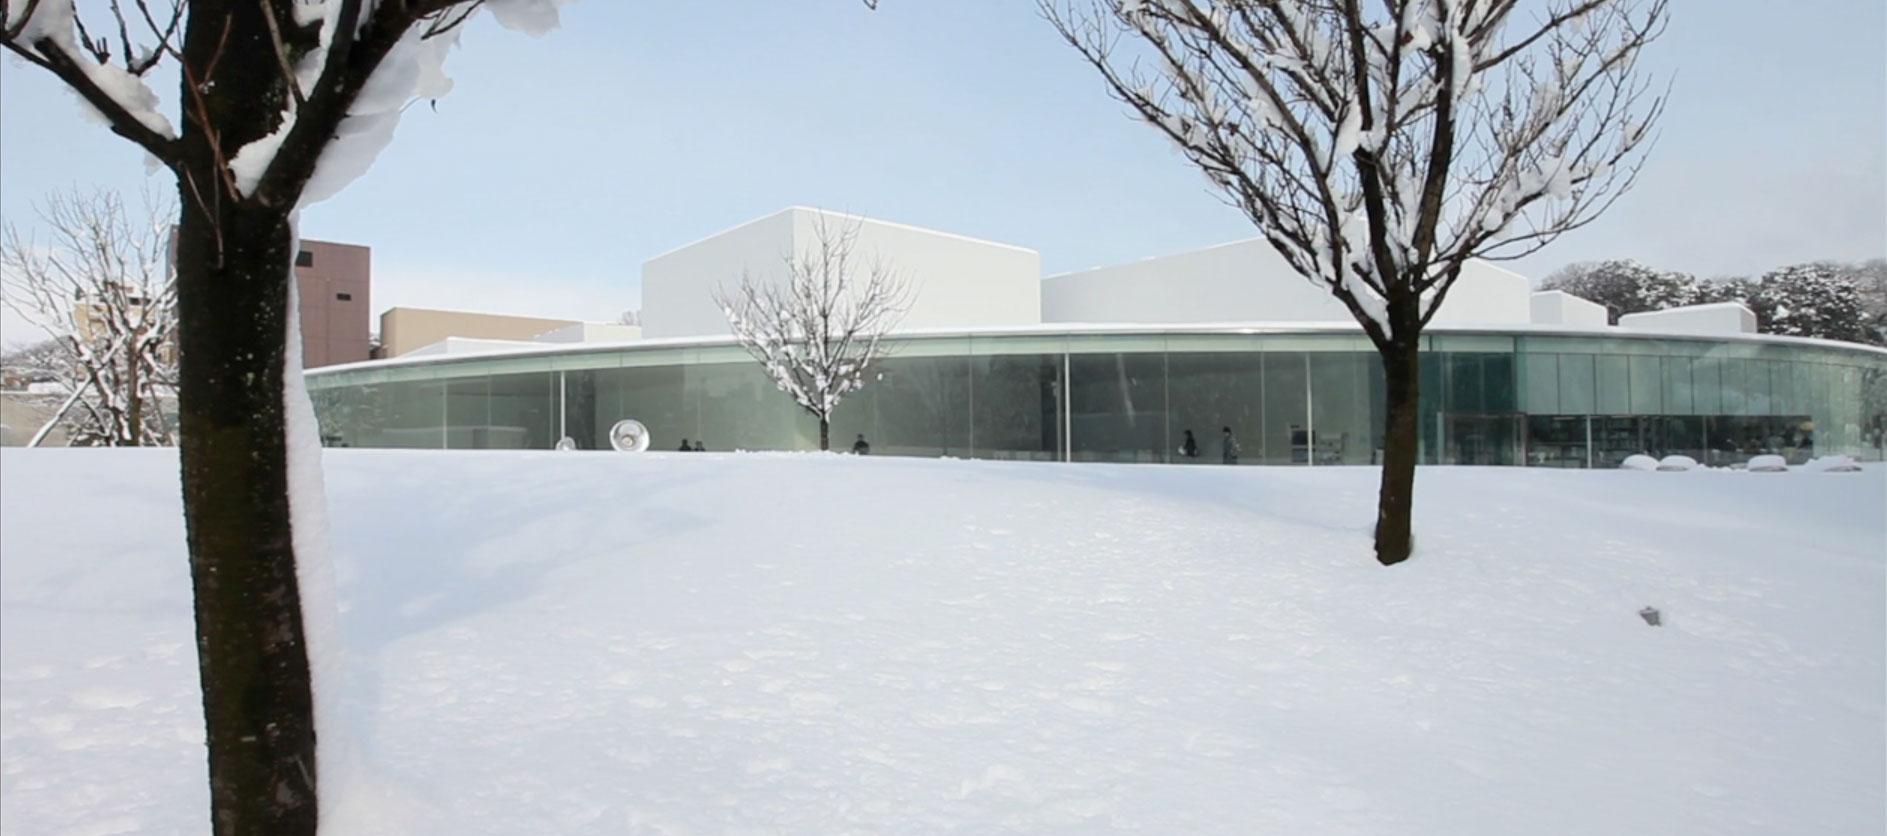 Vista exterior del museo. Corte de vídeo